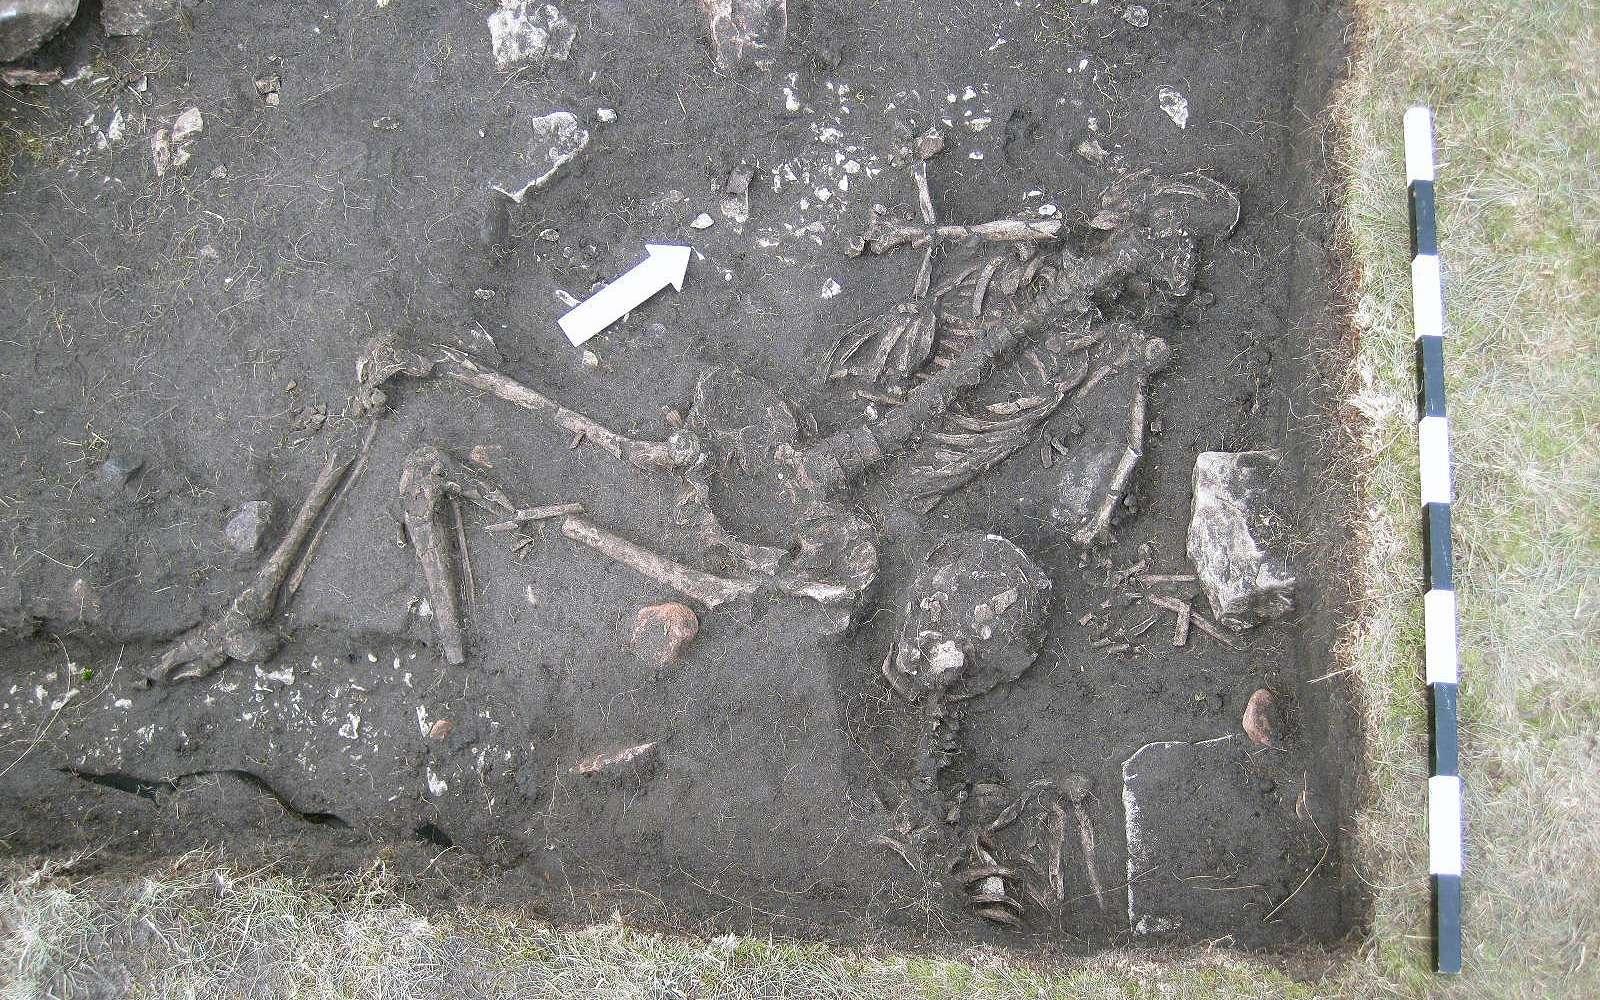 Squelette retrouvé sur le site d'Öland. © Max Jahrehorn, Kalmar läns museum